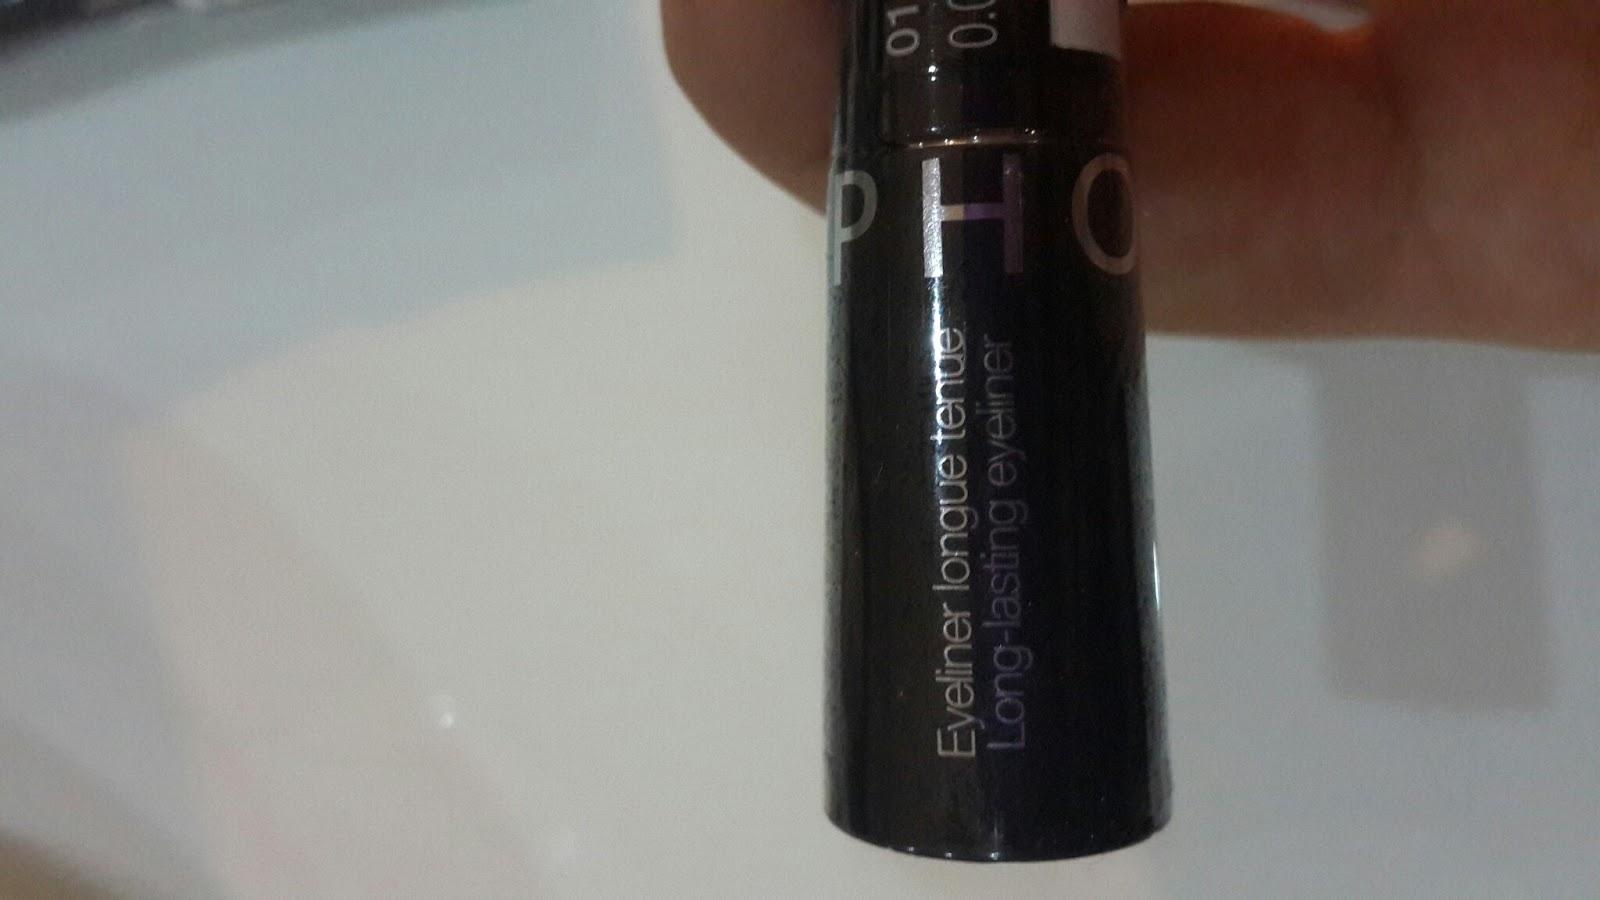 Sephora Indiriminden Neler Aldim? Eyeliner